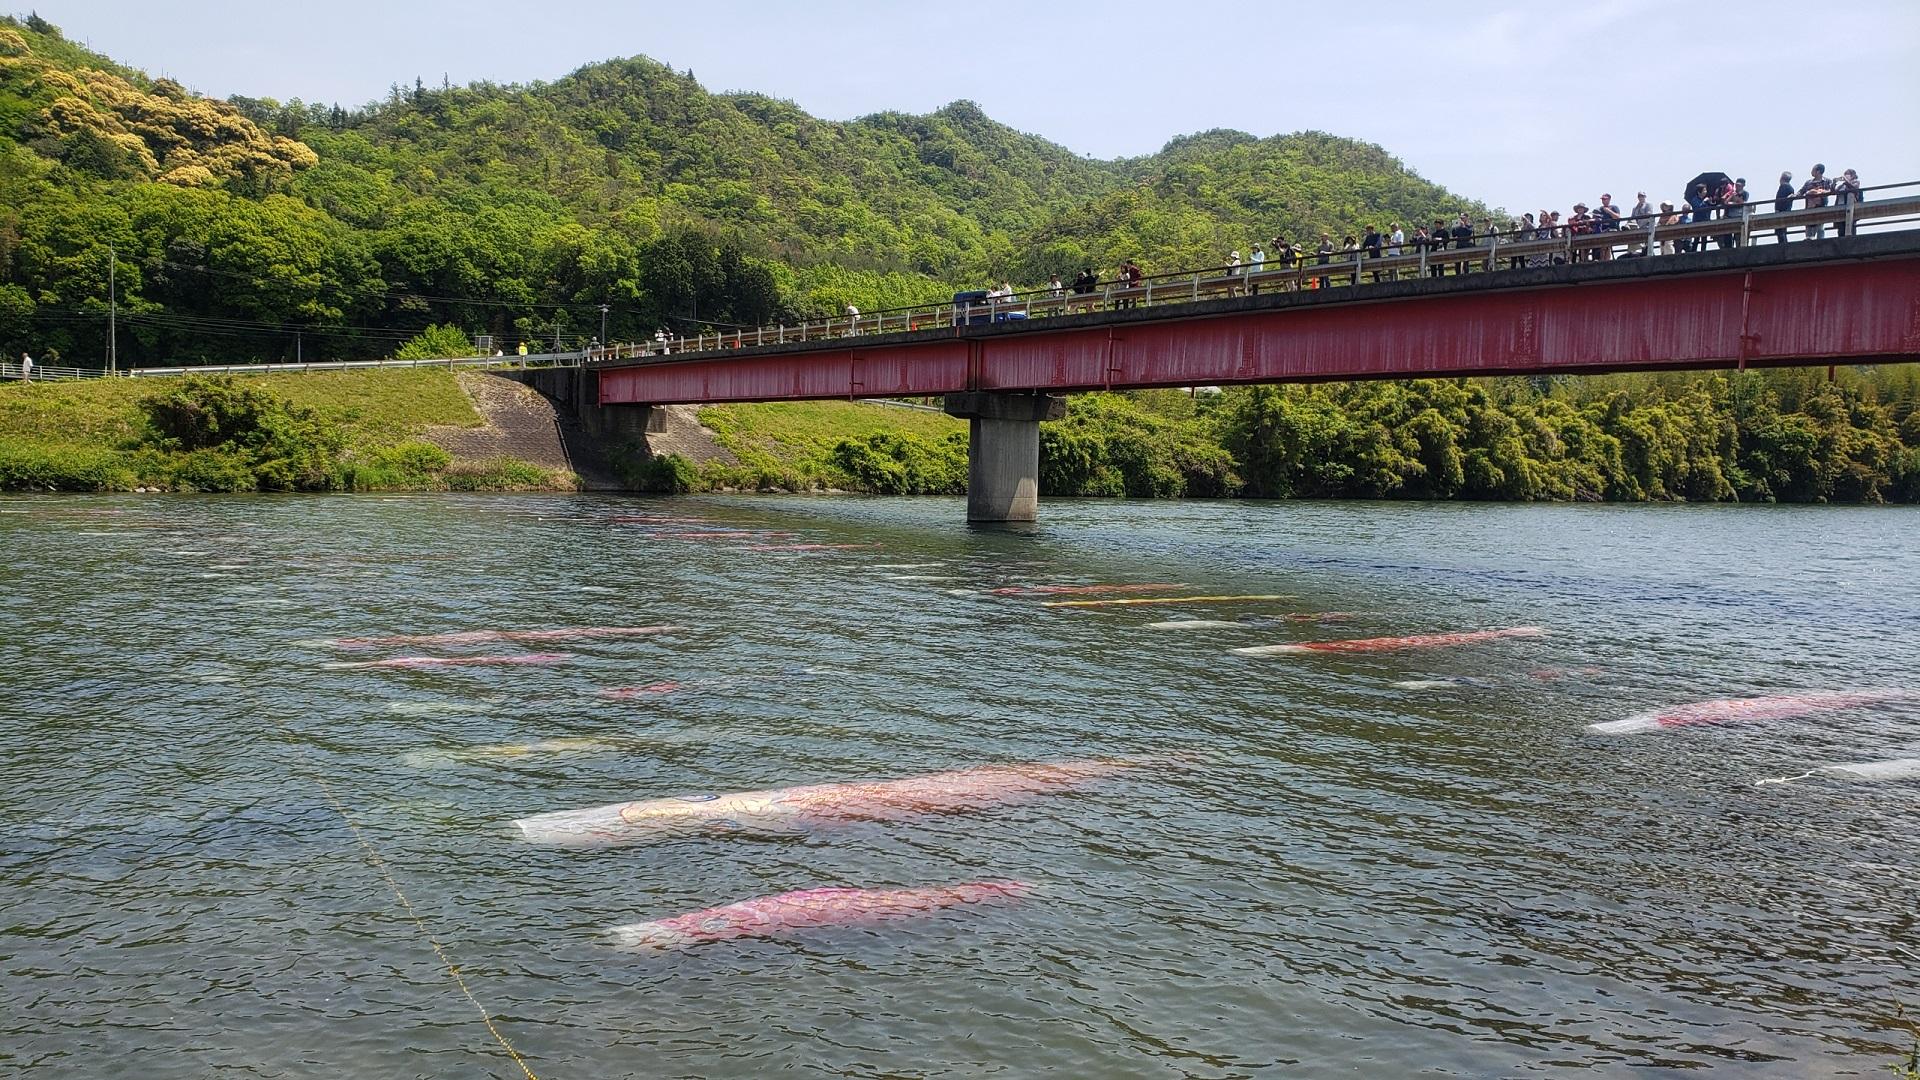 佐波川を泳ぐ鯉のぼり